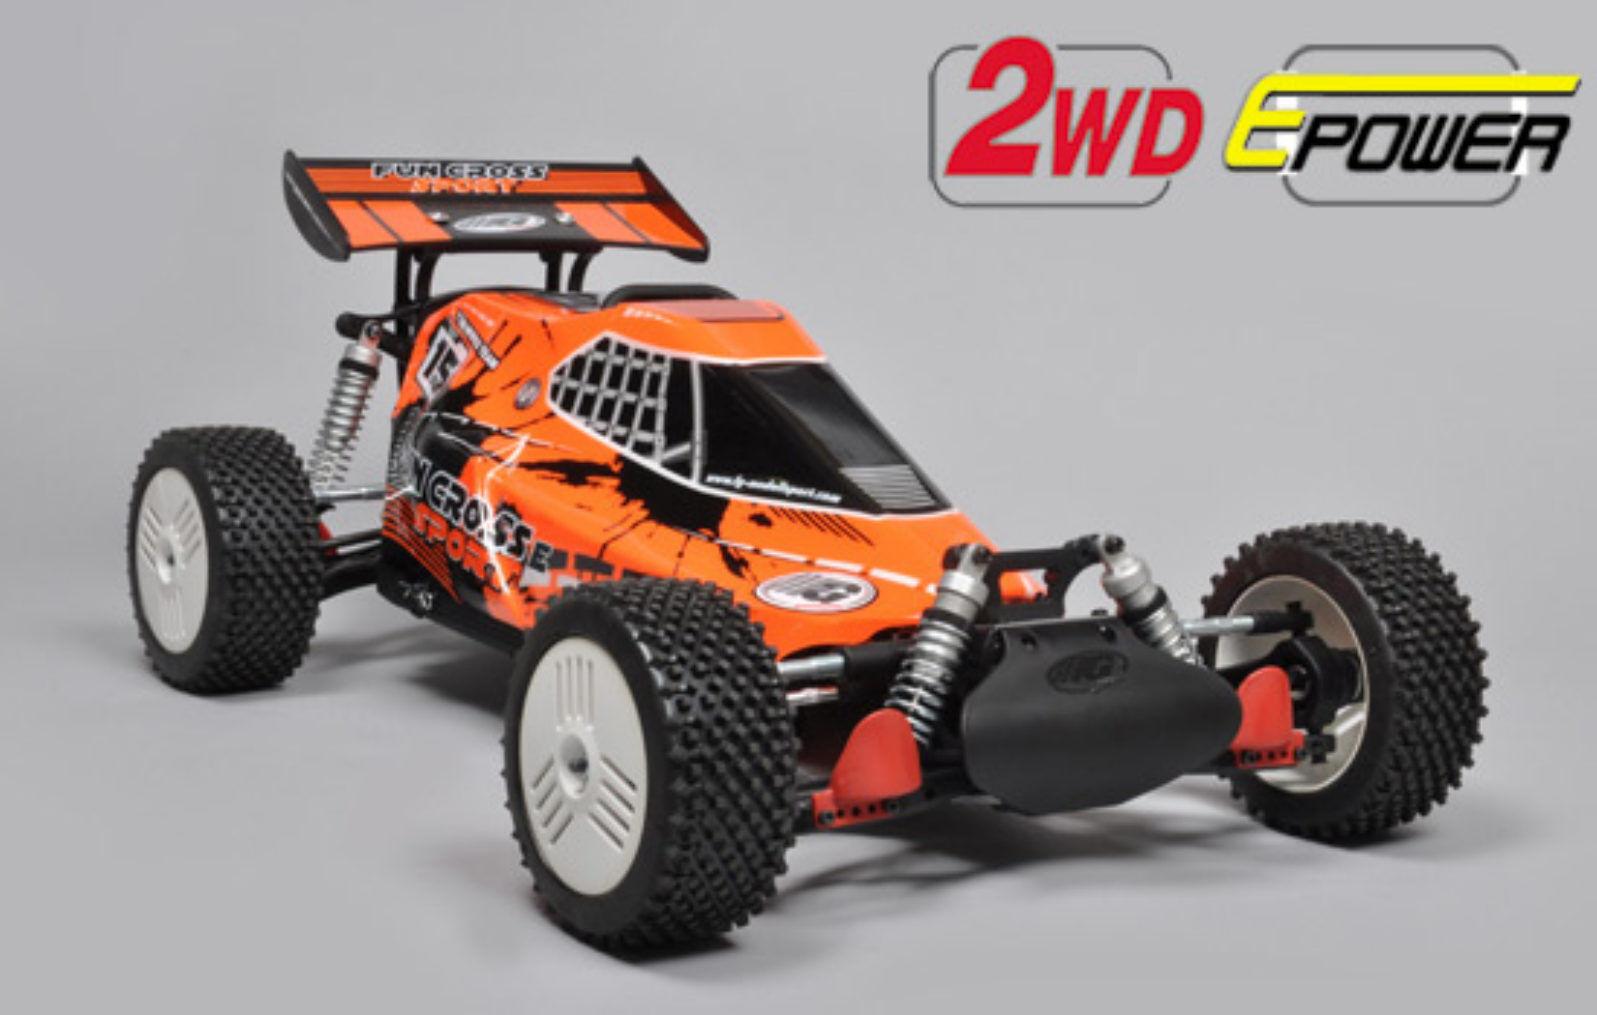 FG modellsport  670070e Fun CROSS SPORT E E E sin escobillas 2wd  descuento de ventas en línea